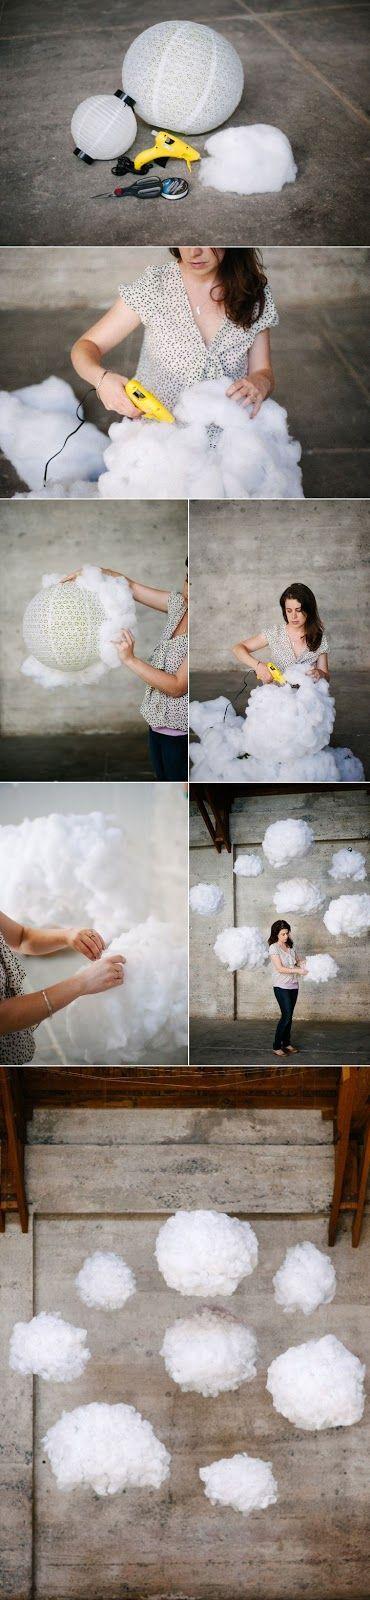 Fener süslerden yapılan uçan bulutları çok sevdim. Çocuk odaları, doğumgünü yada düğünler için kullanılabilir. :) İçlerine pilli led lambal...